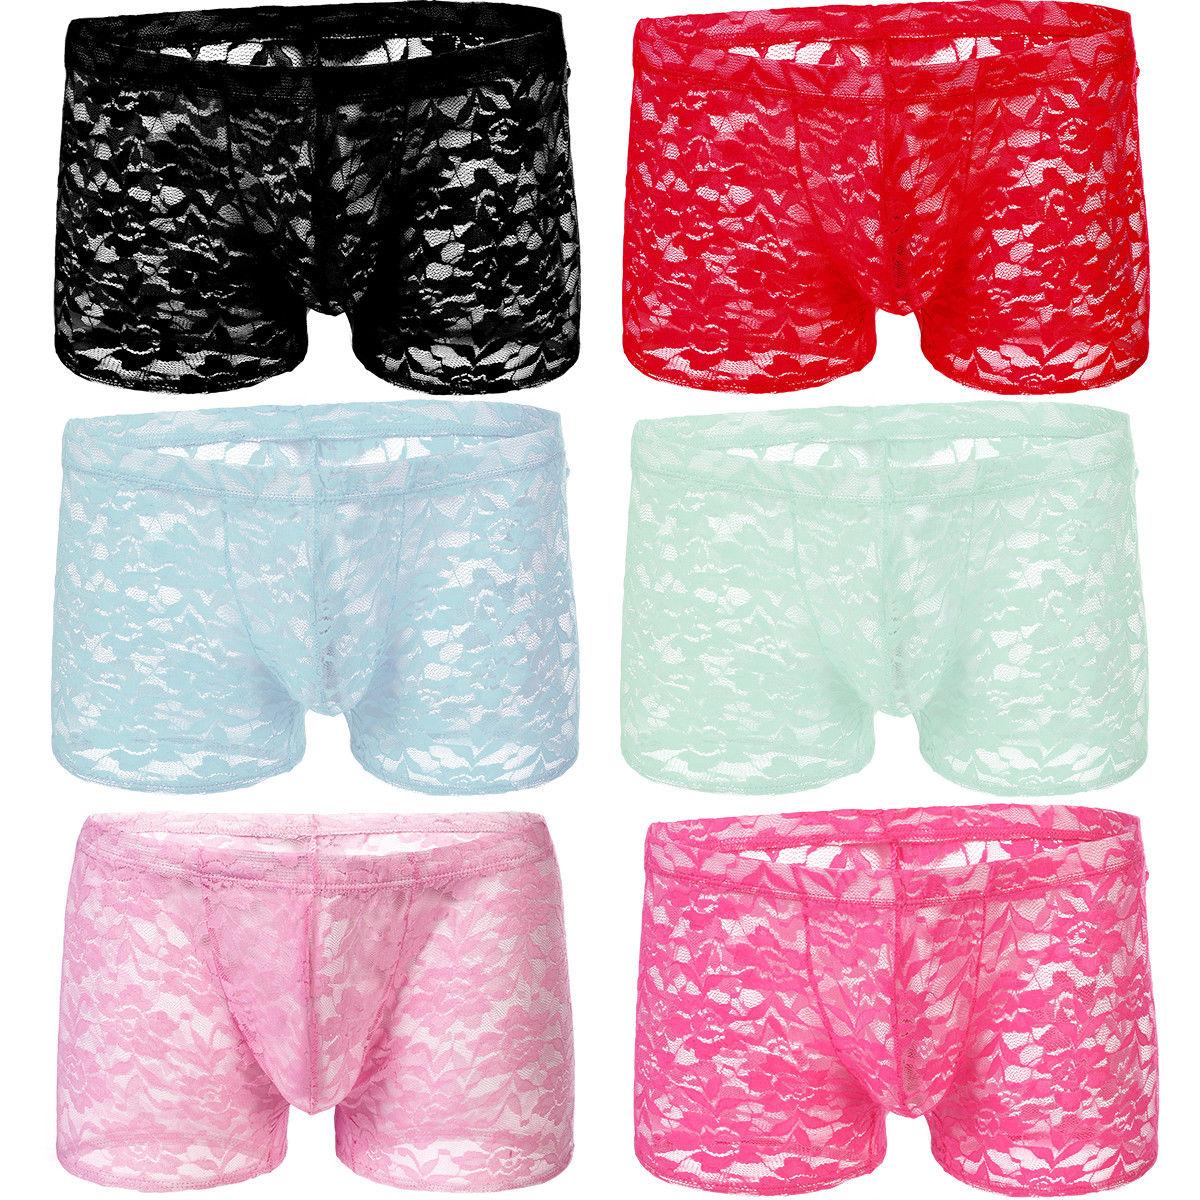 Men Boxer Briefs Sissy Nightwear Underwear Underpants Lingerie Pants Trunks New